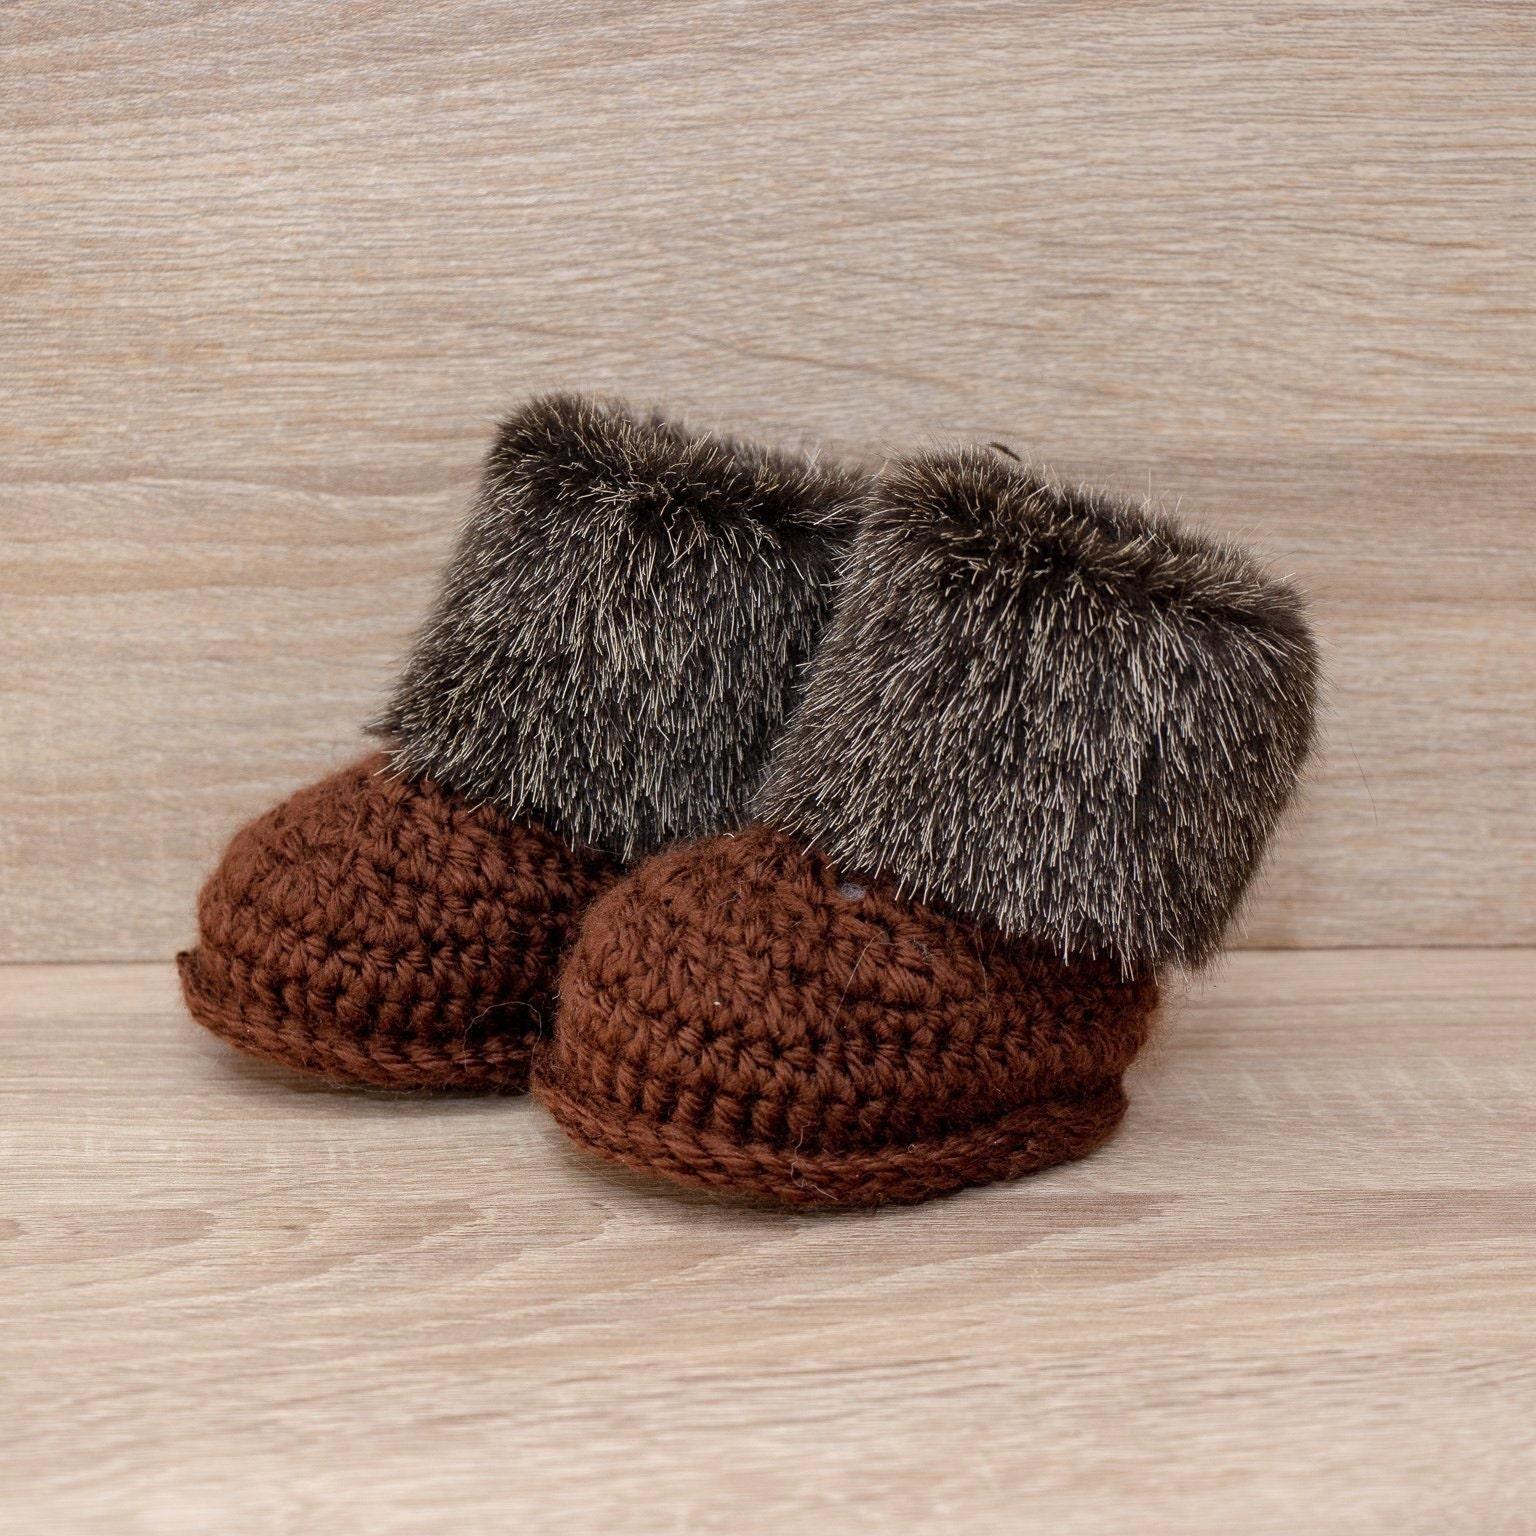 6754b3c1ef08 Faux fur baby booties - Crochet baby booties - Baby Ugg boots